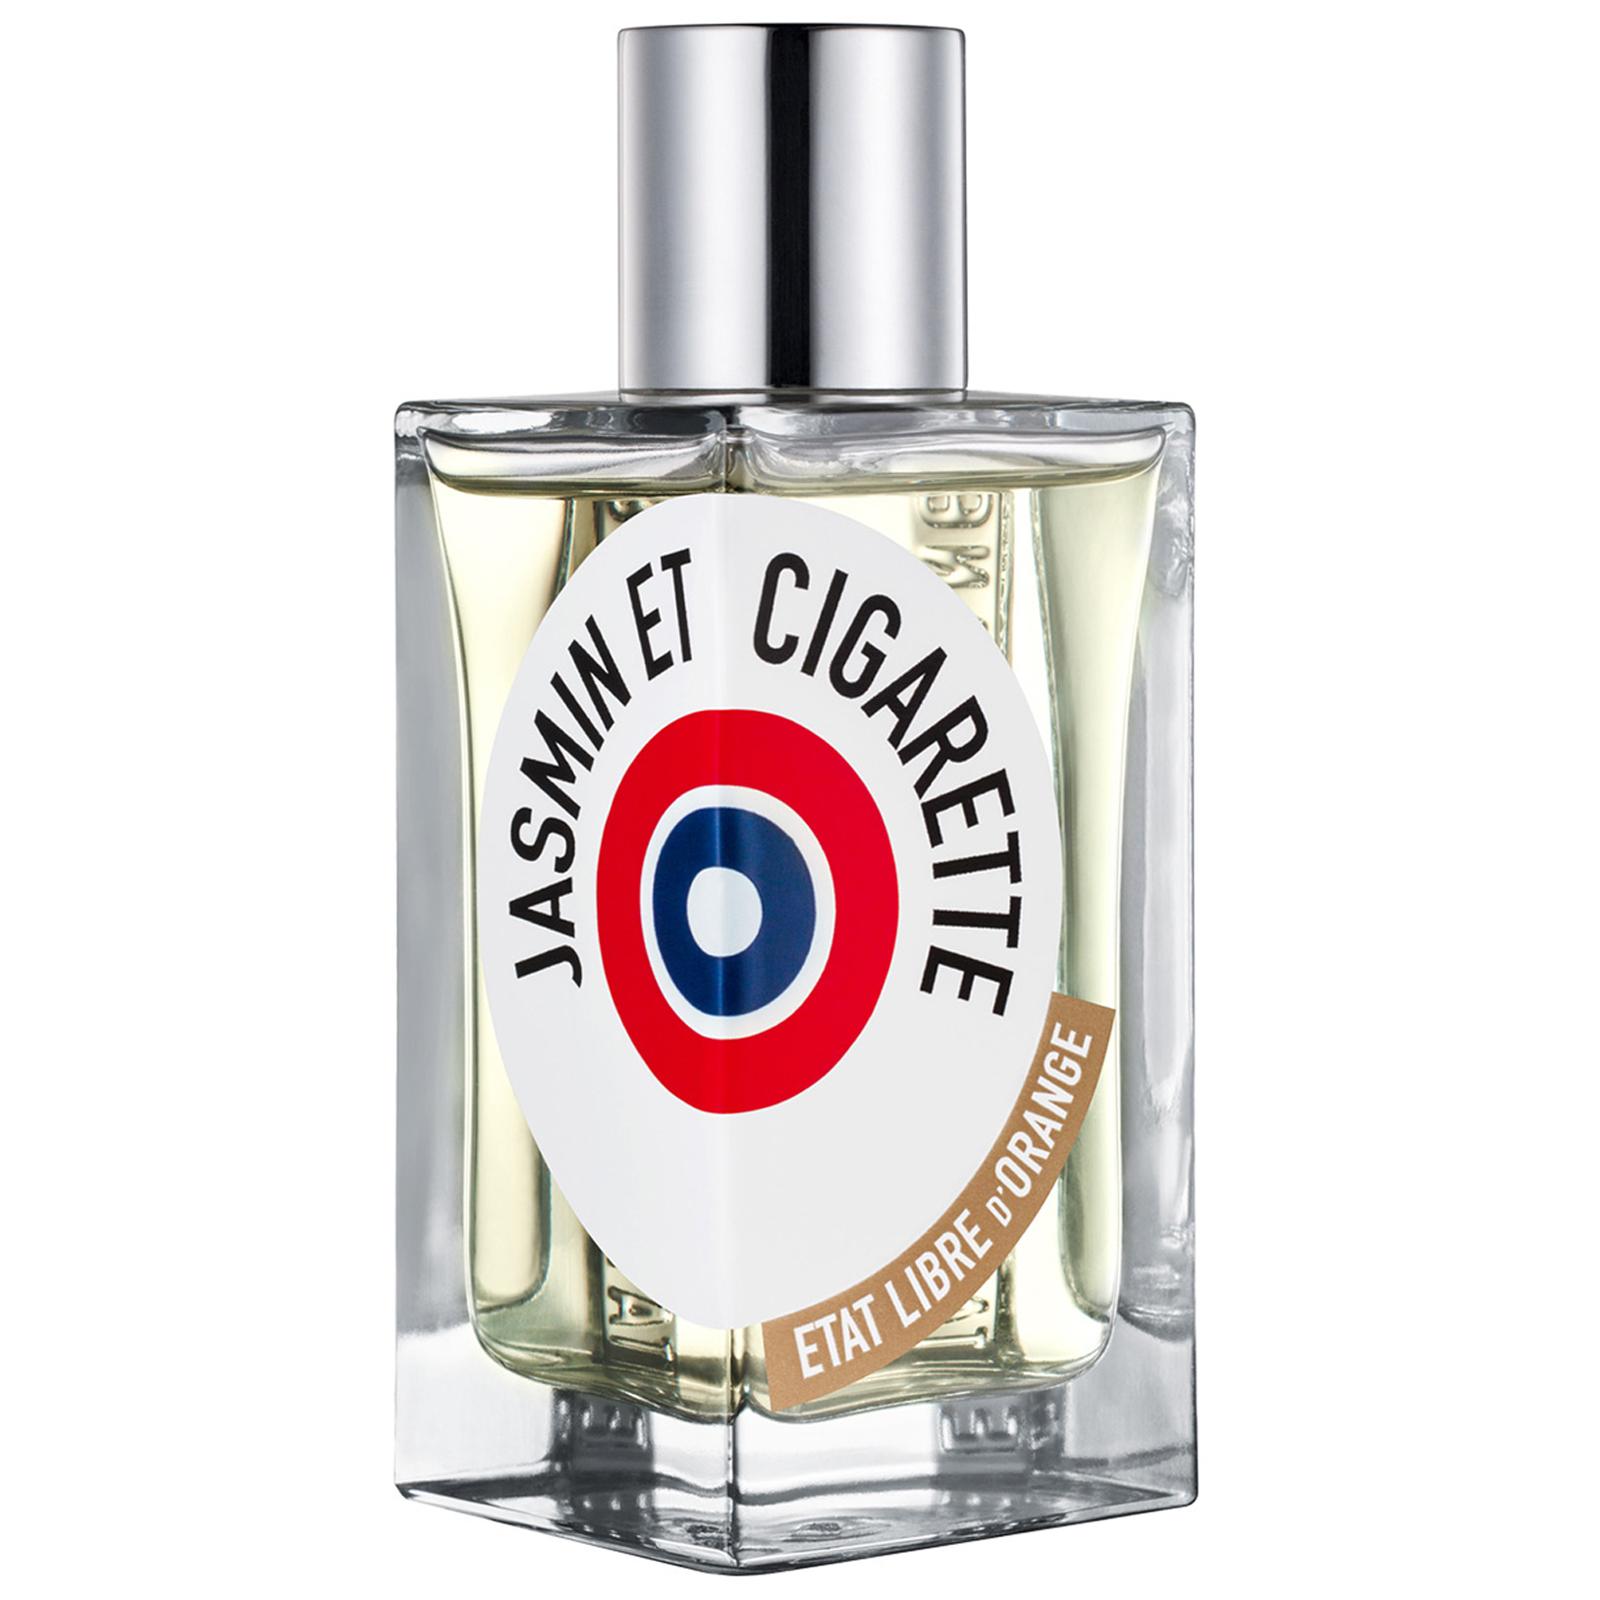 ETAT LIBRE D'ORANGE Jasmin Et Cigarette Perfume Eau De Parfum 50 Ml in White